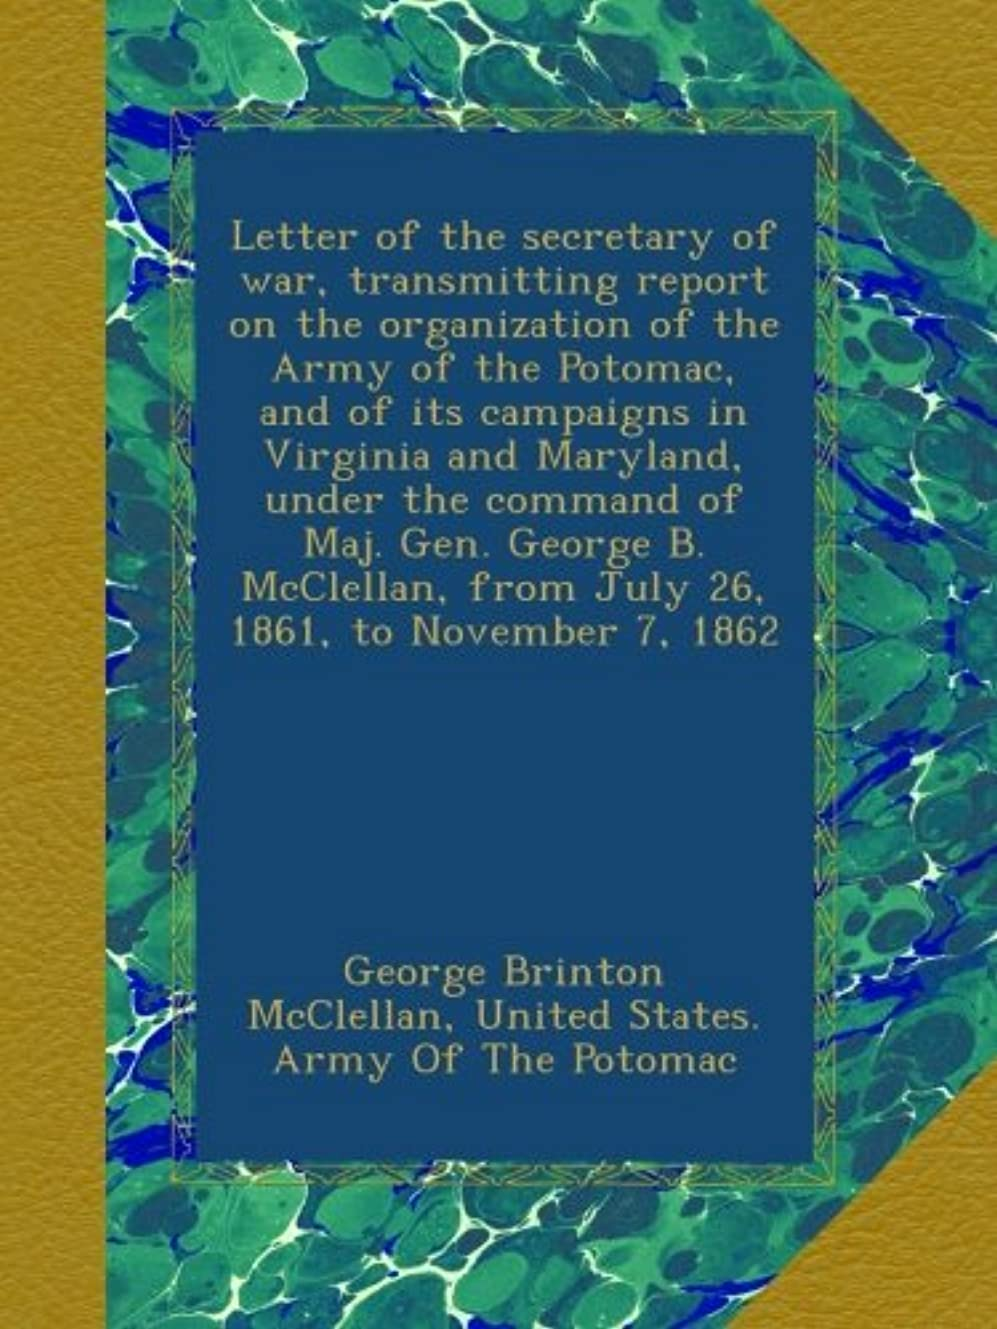 クルー服を片付ける公爵Letter of the secretary of war, transmitting report on the organization of the Army of the Potomac, and of its campaigns in Virginia and Maryland, under the command of Maj. Gen. George B. McClellan, from July 26, 1861, to November 7, 1862